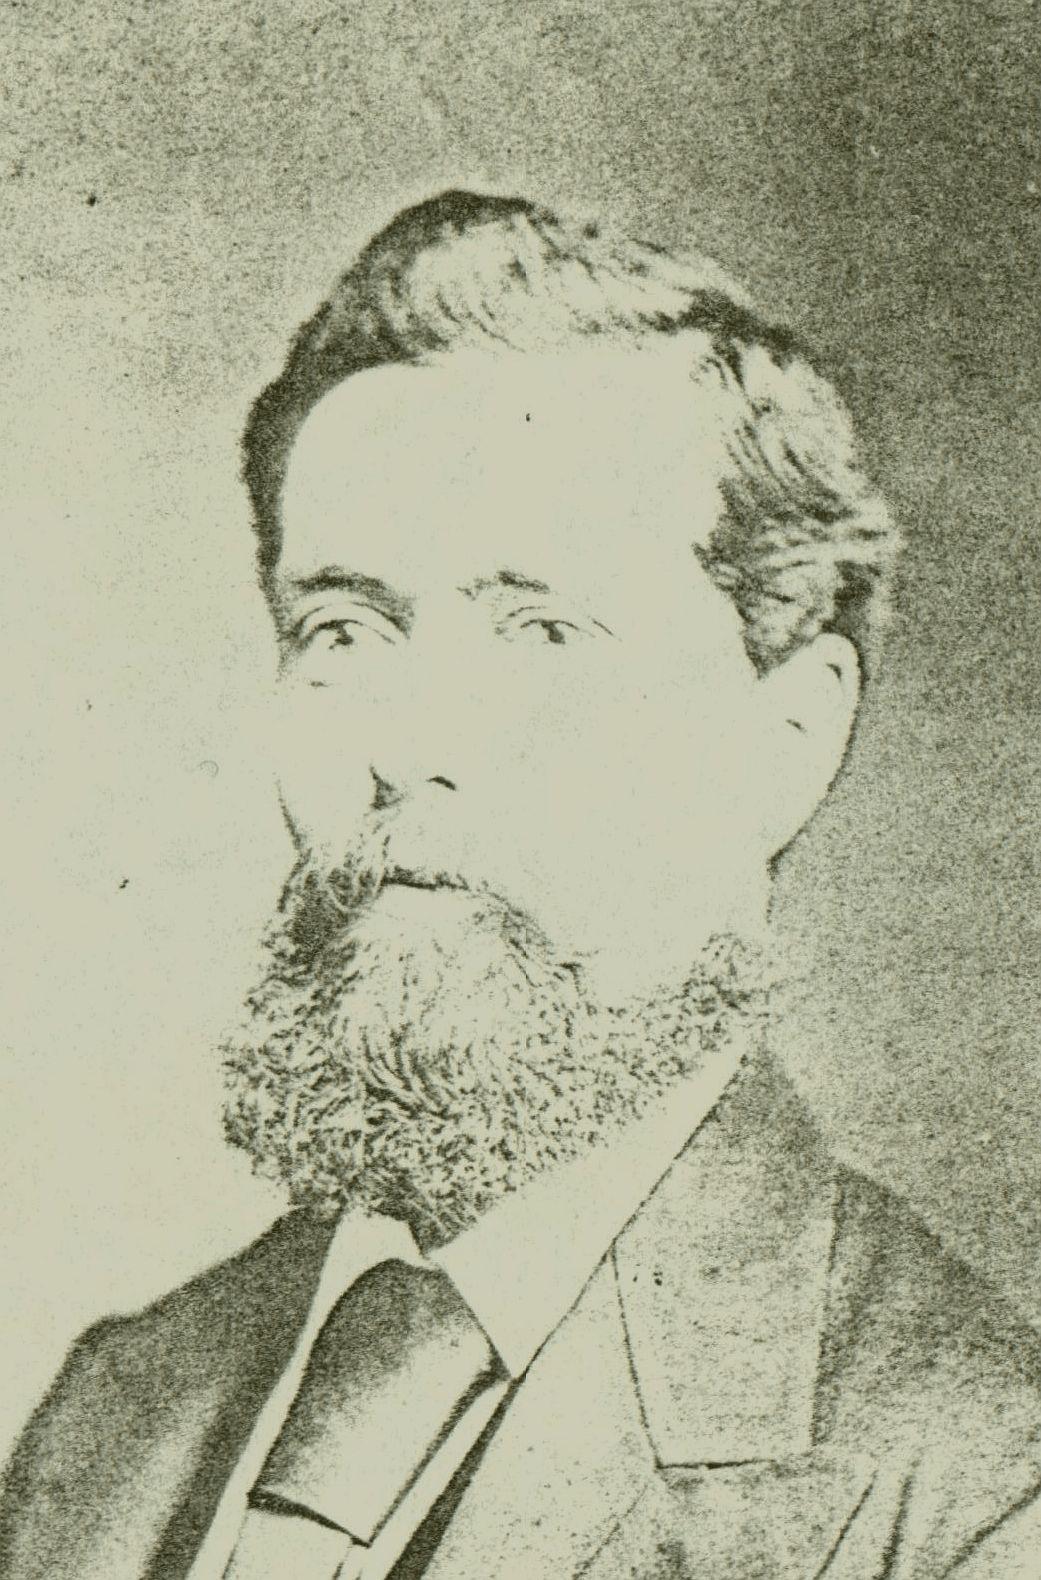 Burton, William